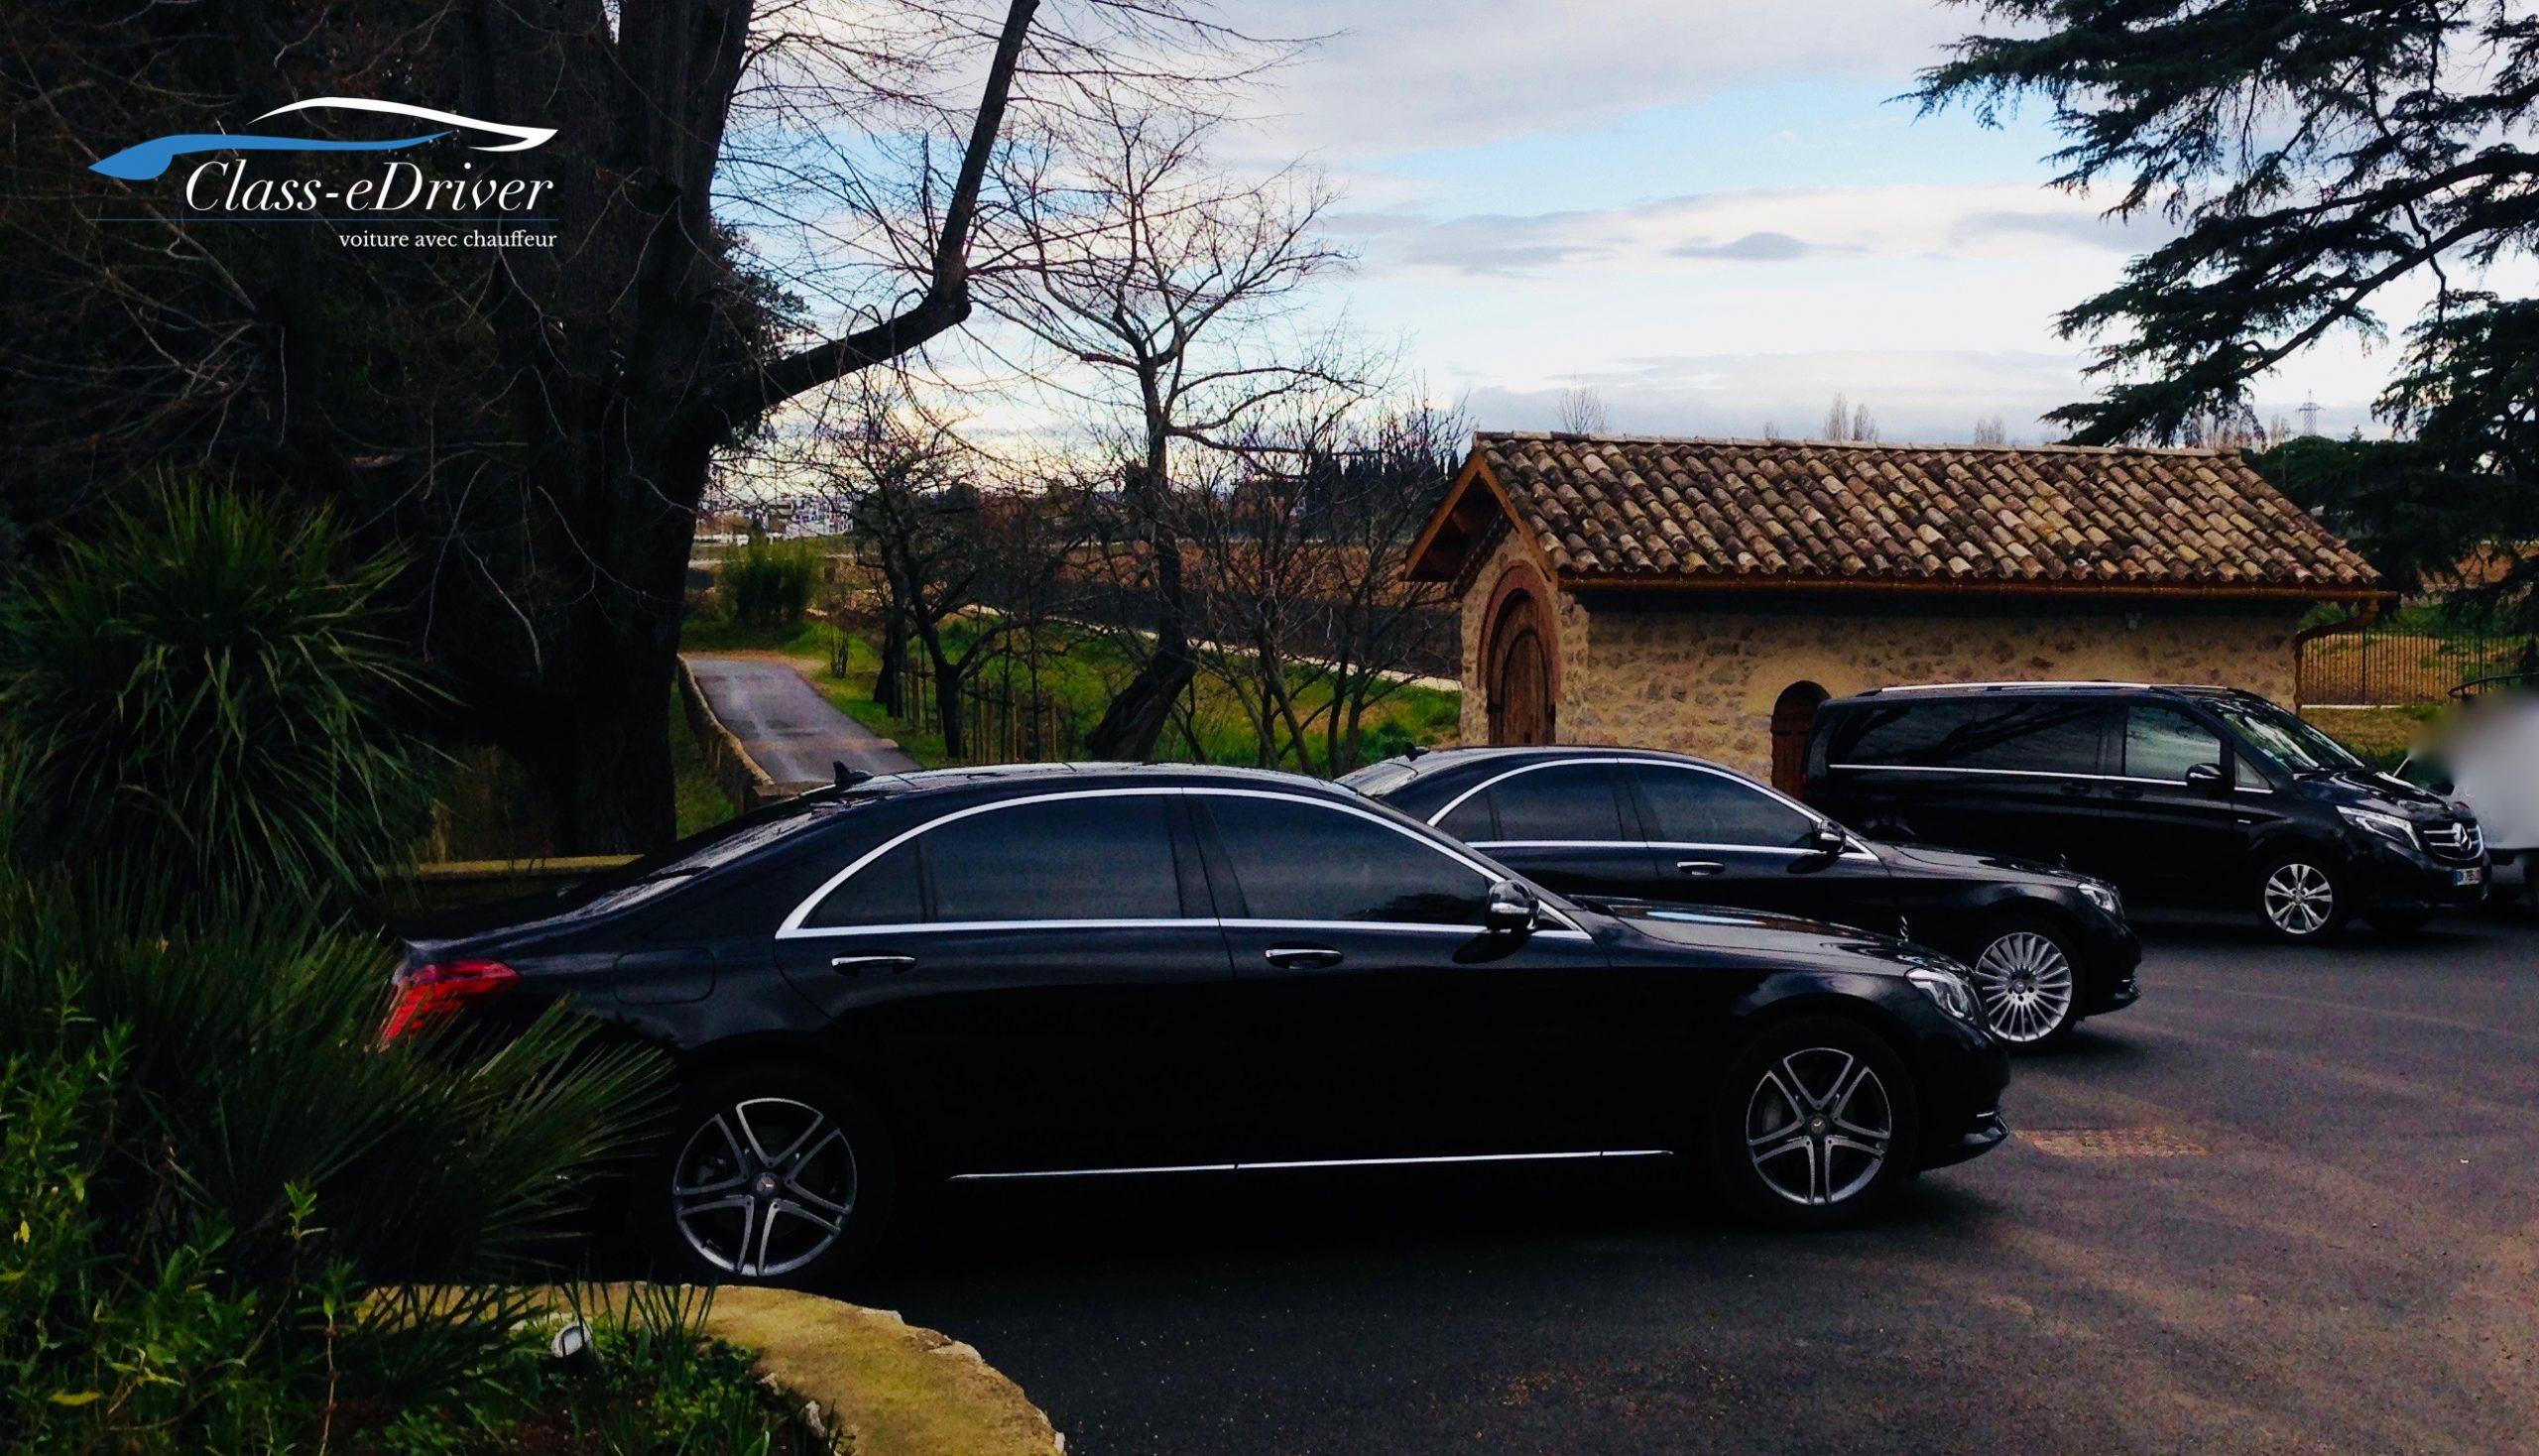 Chauffeur privé Domaine de Verchant 34170 Castelnau-le-Lez